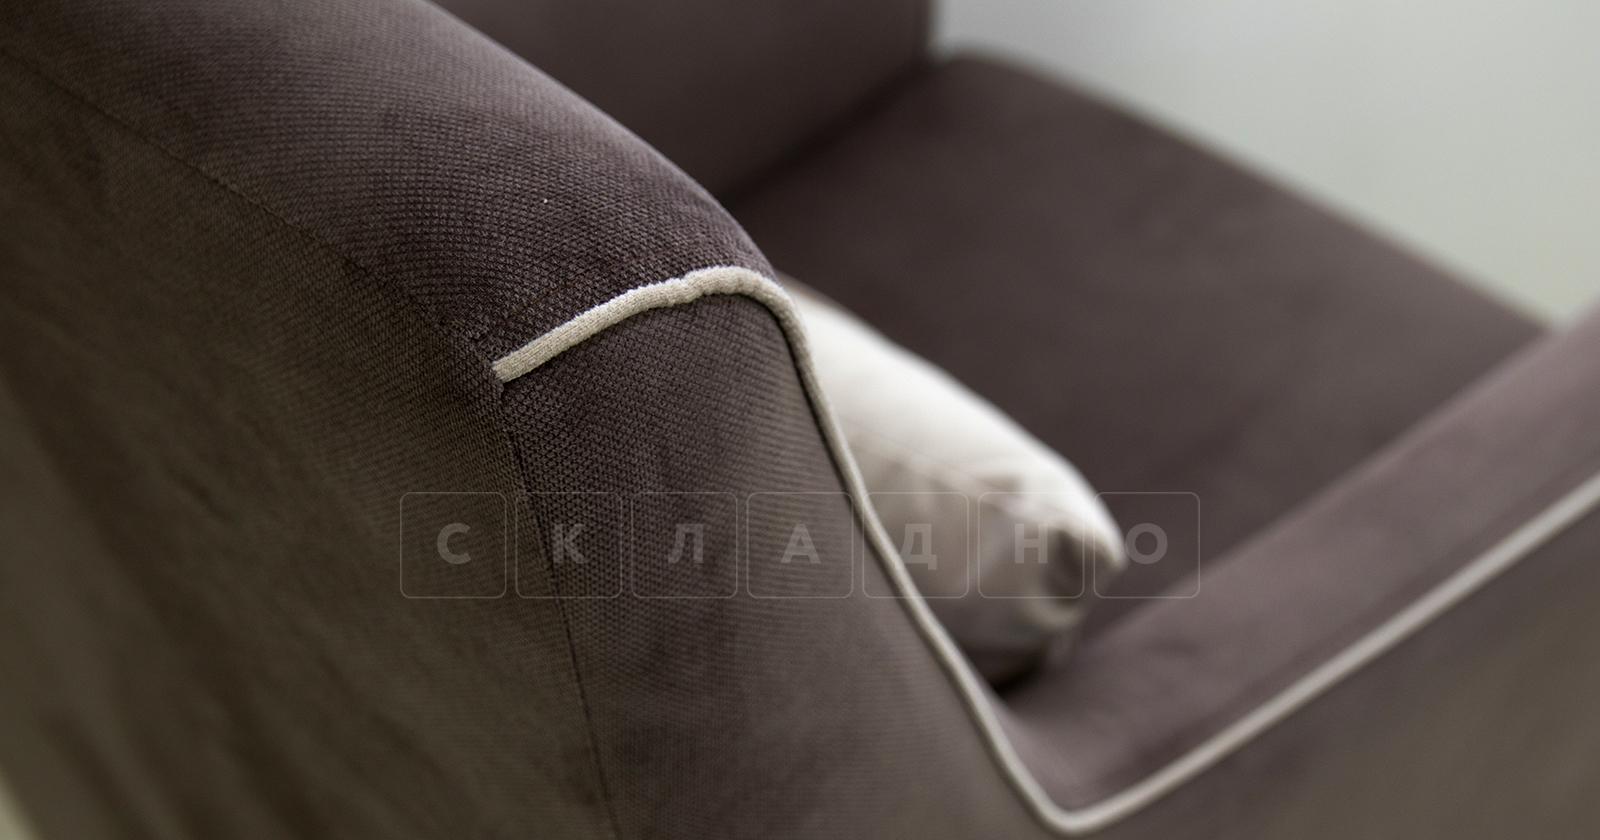 Кресло для отдыха Флэтфорд шоколад фото 8 | интернет-магазин Складно